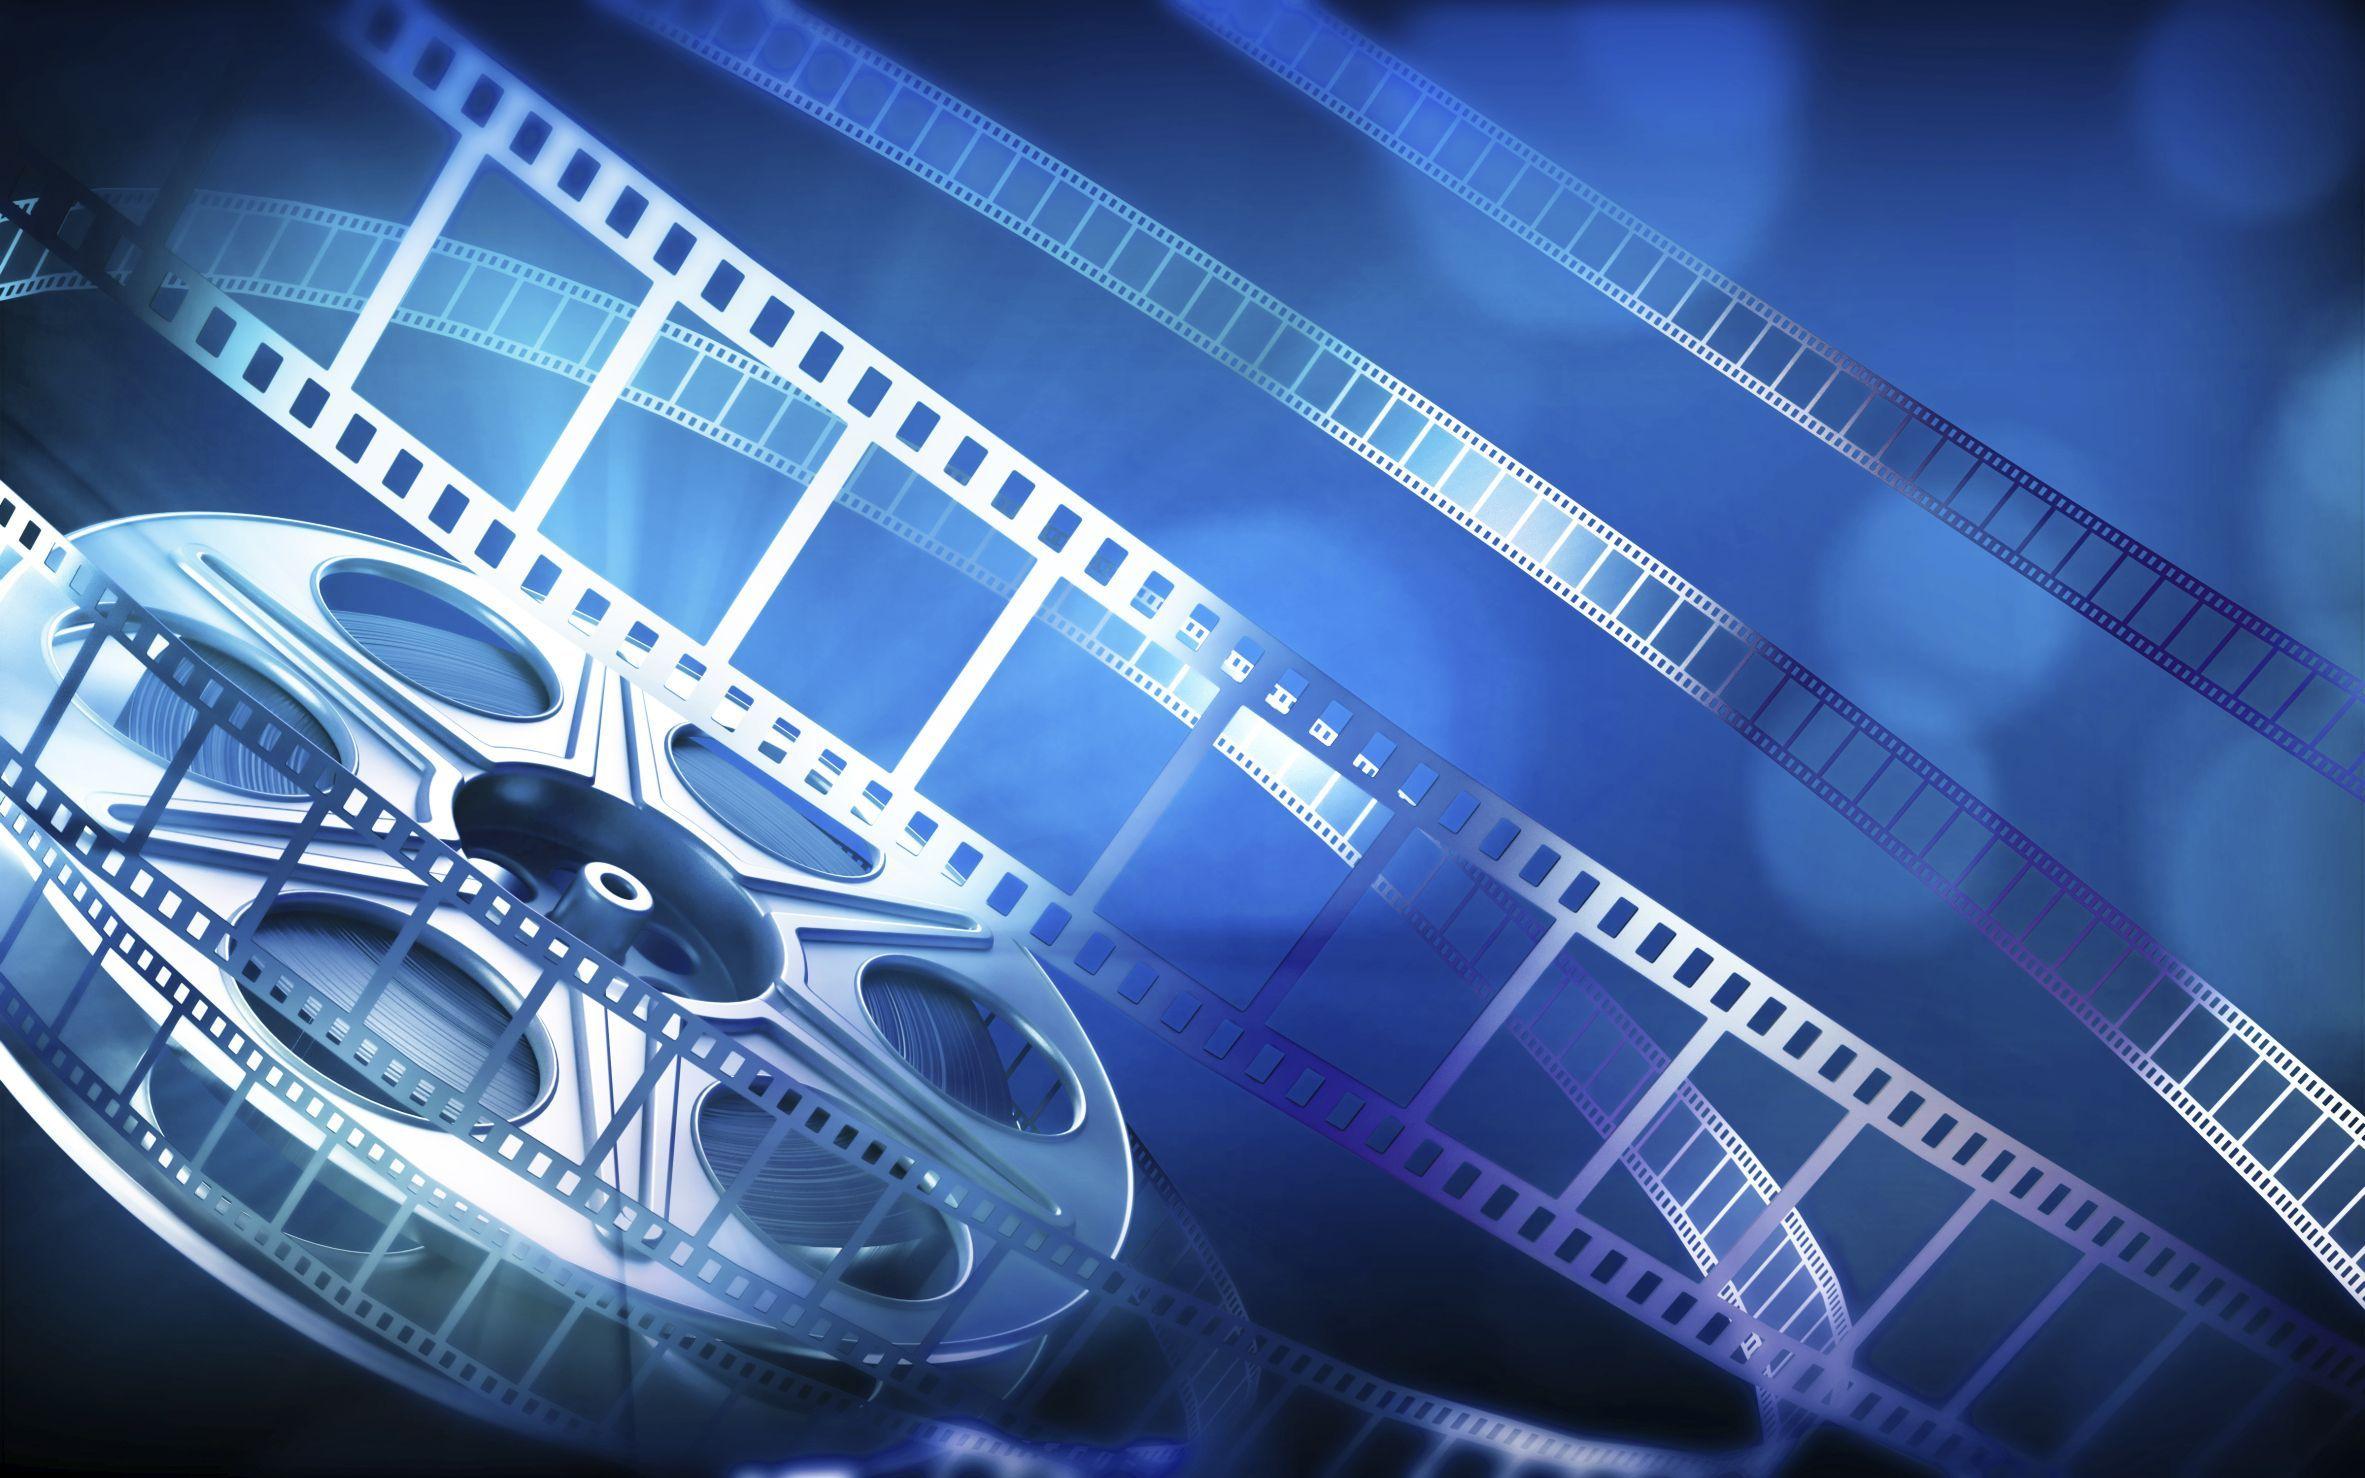 Film Reel Wallpapers   Top Film Reel Backgrounds 2365x1478